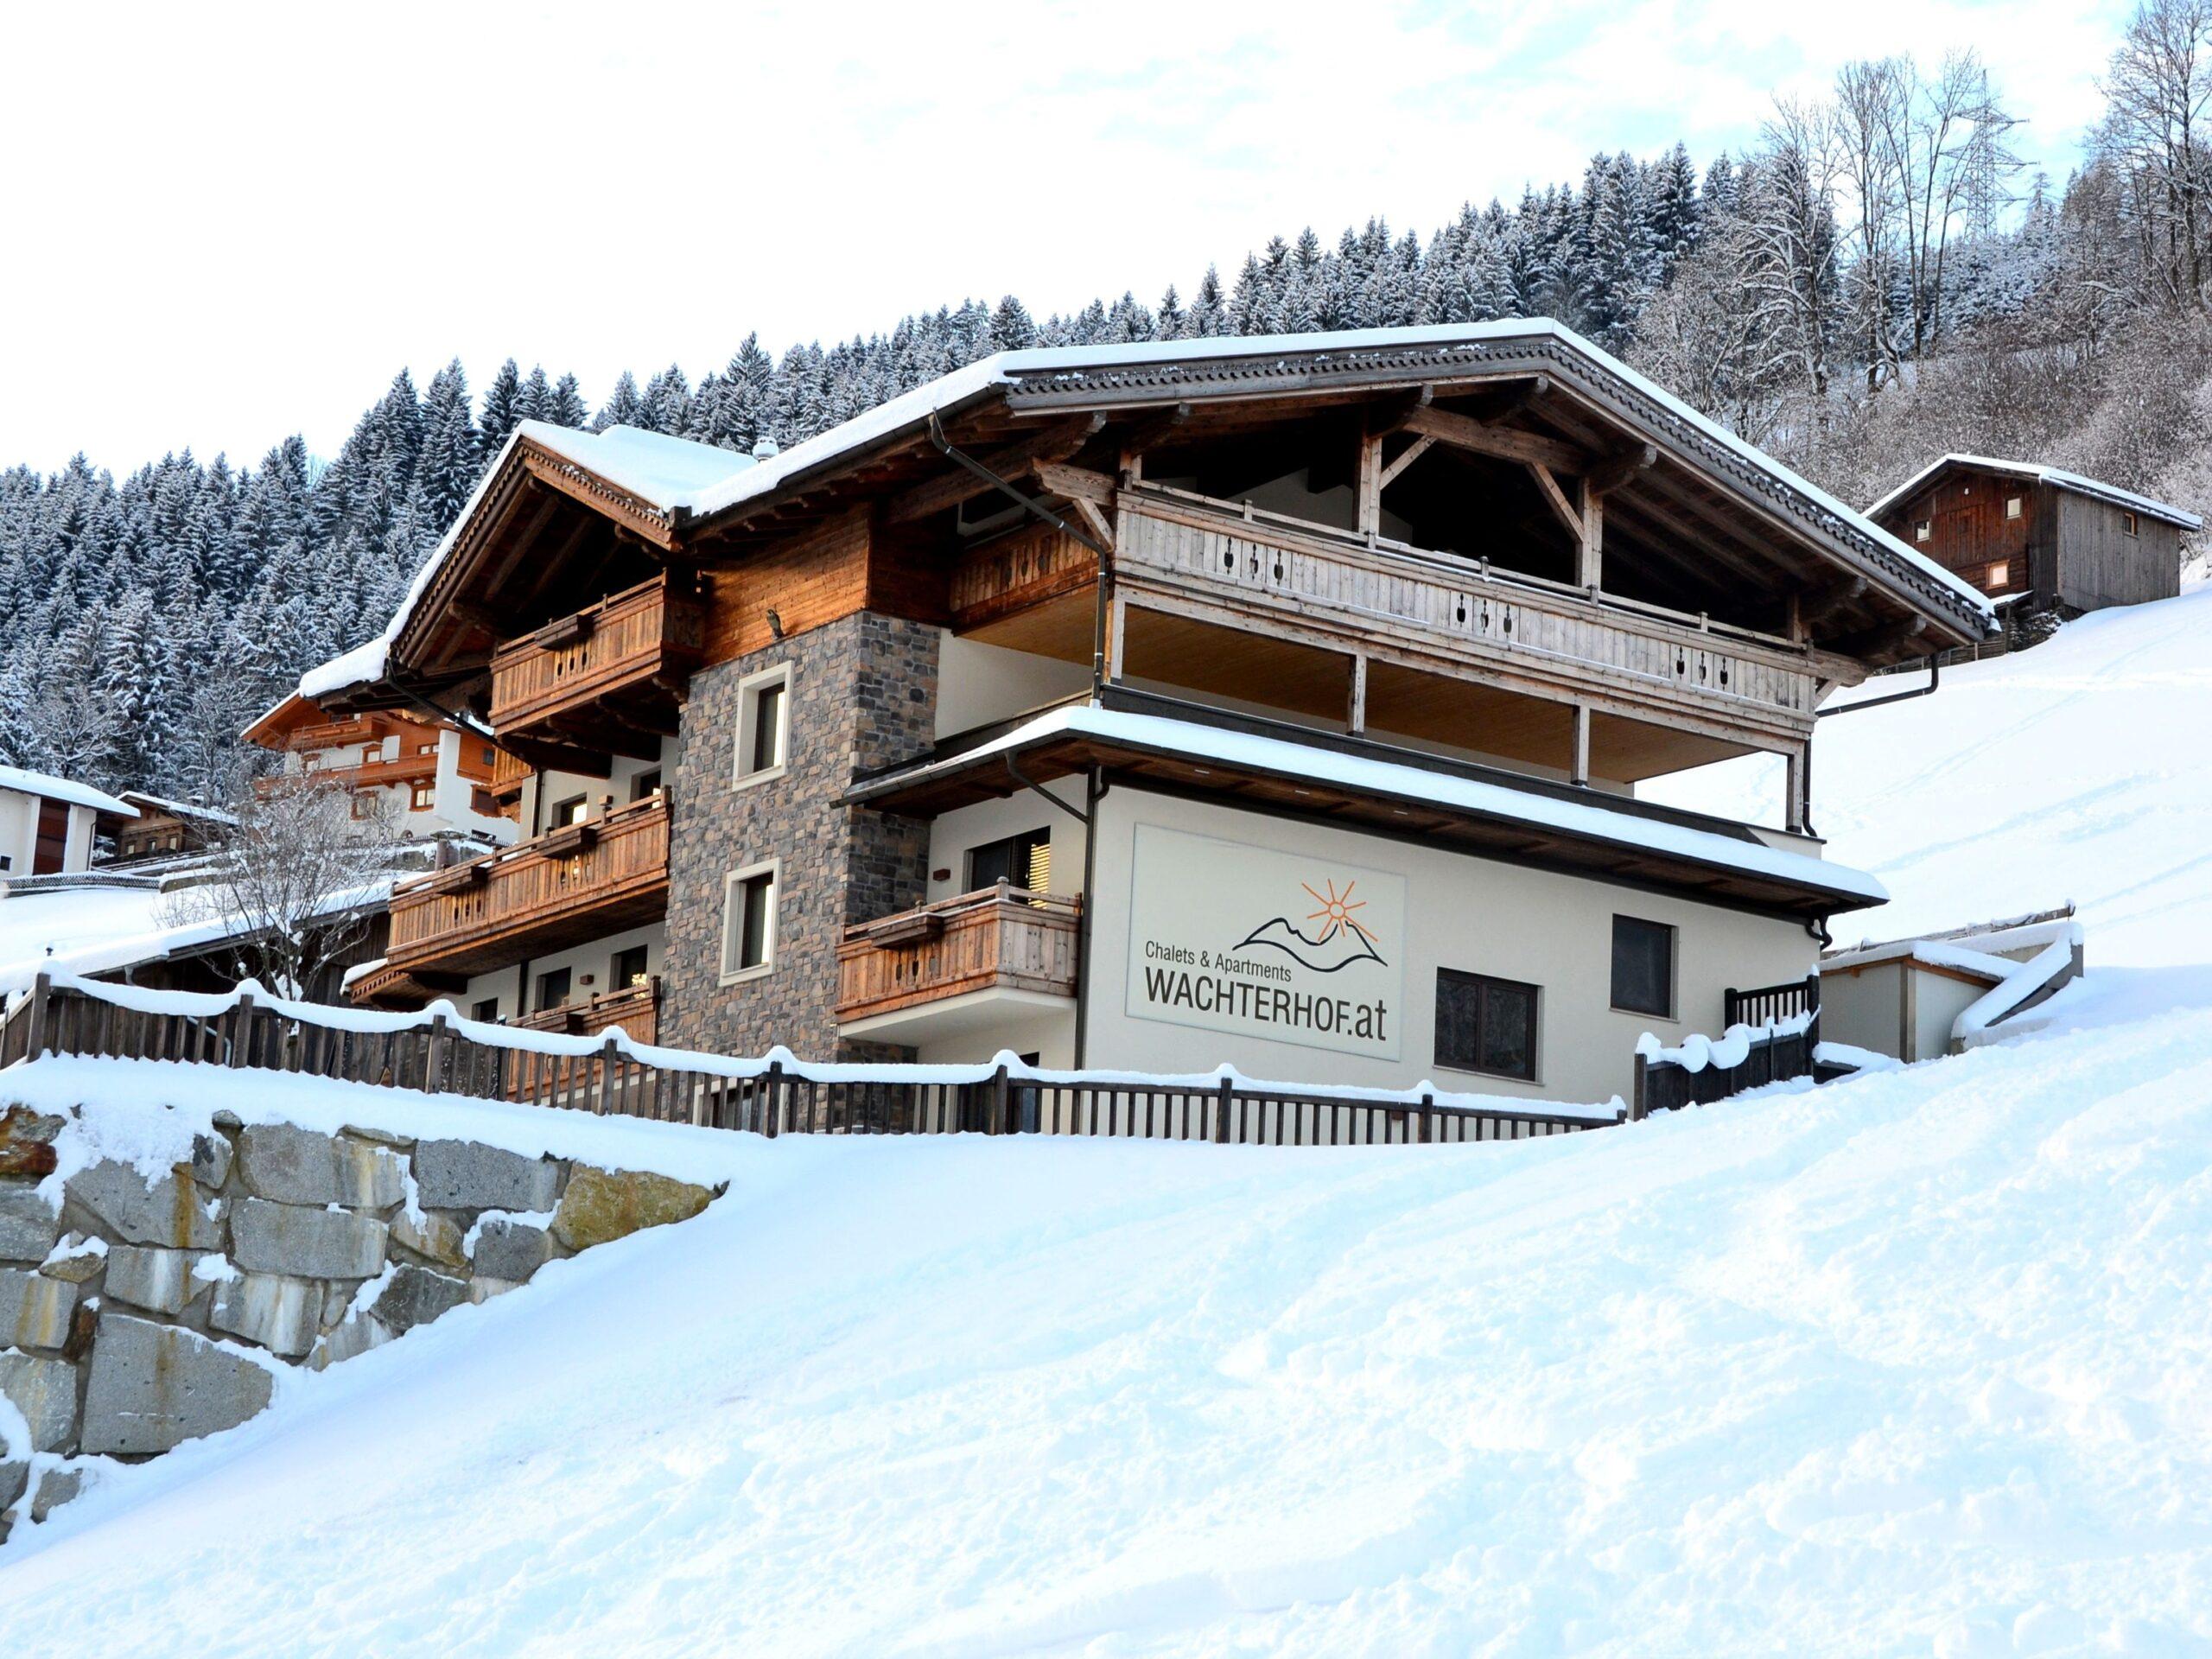 Chalet Wachterhof Deluxe Suite Goldreh met privé-sauna en buiten-jacuzzi - 8-10 personen